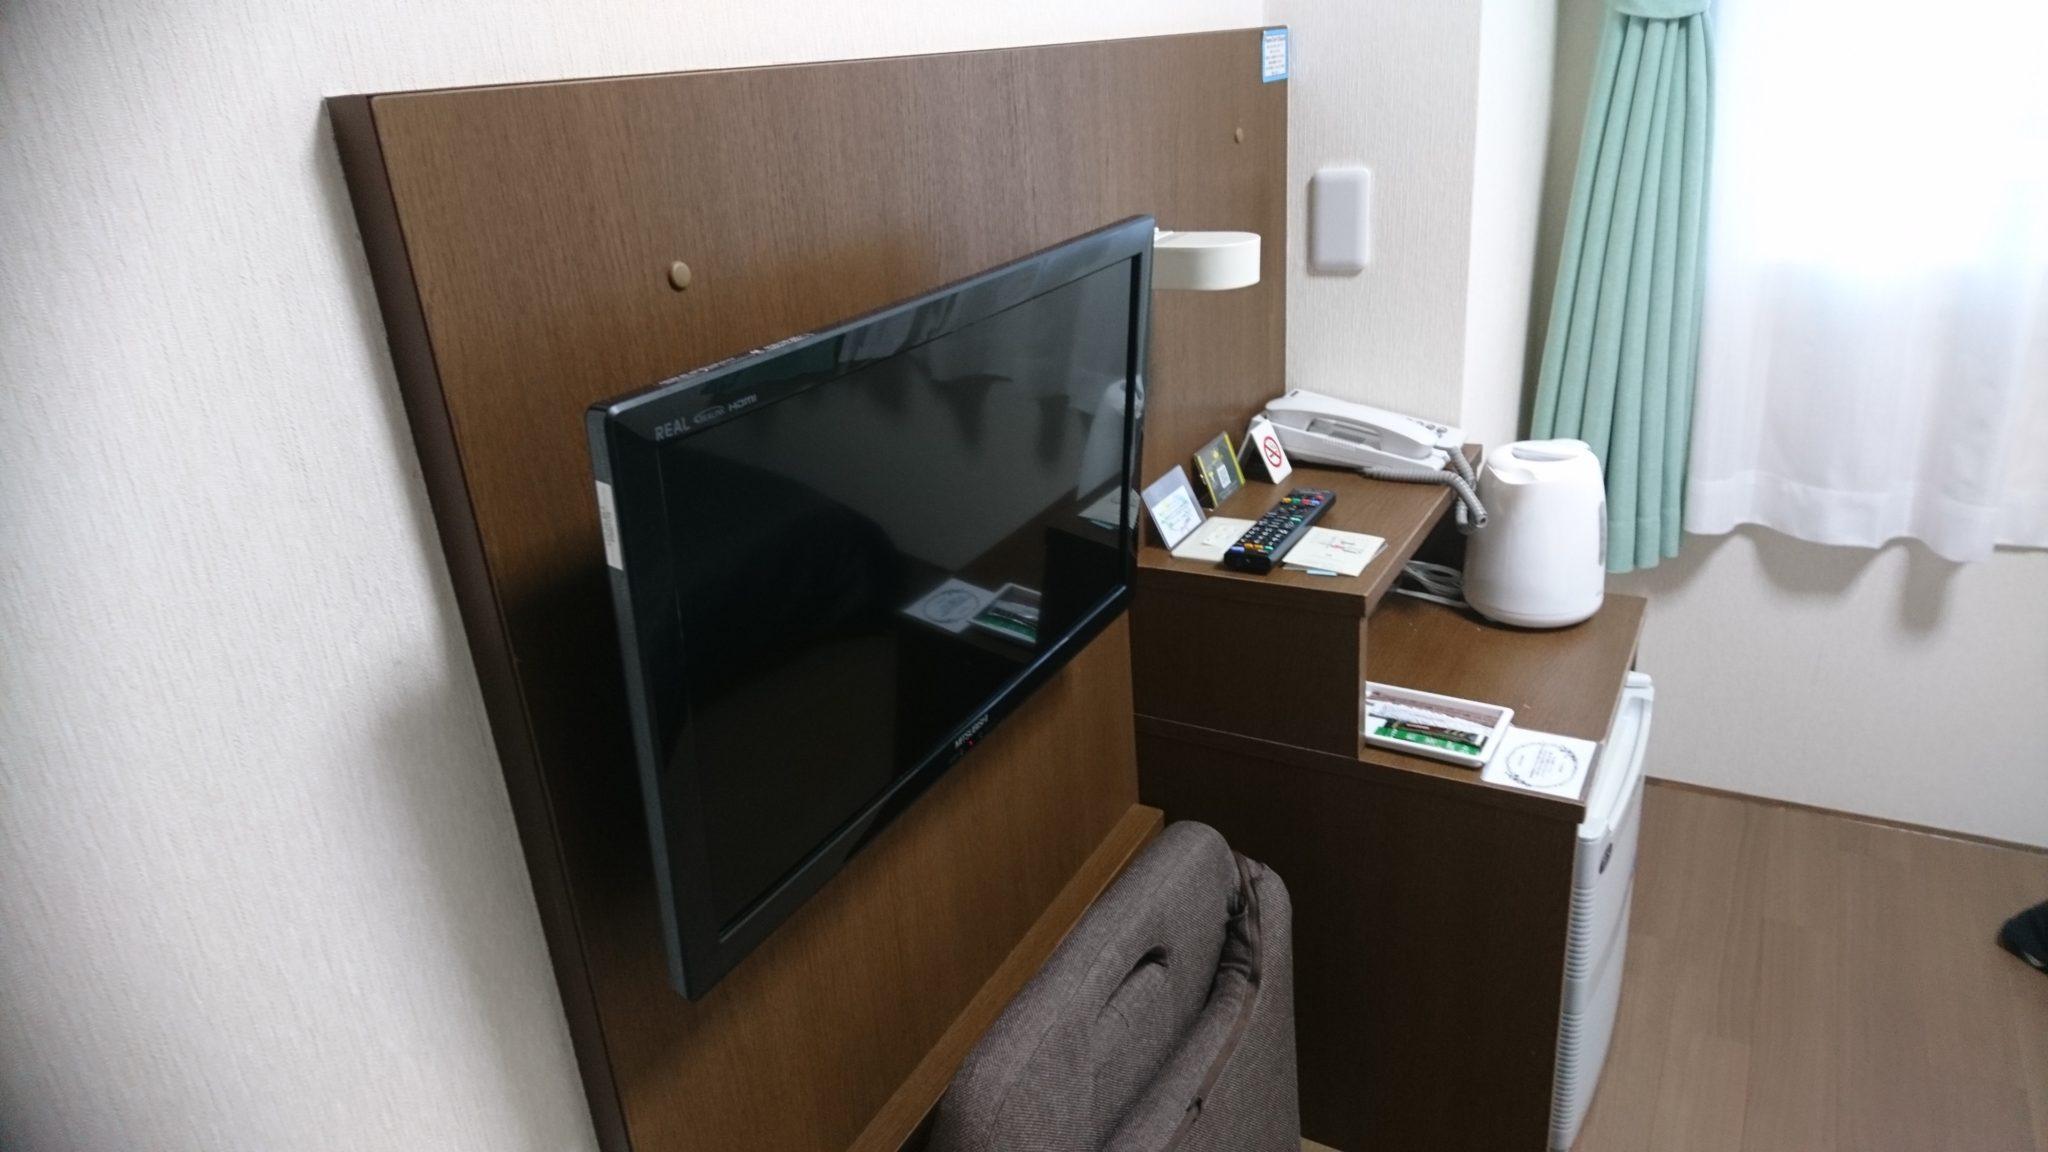 ホテル4条テレビ